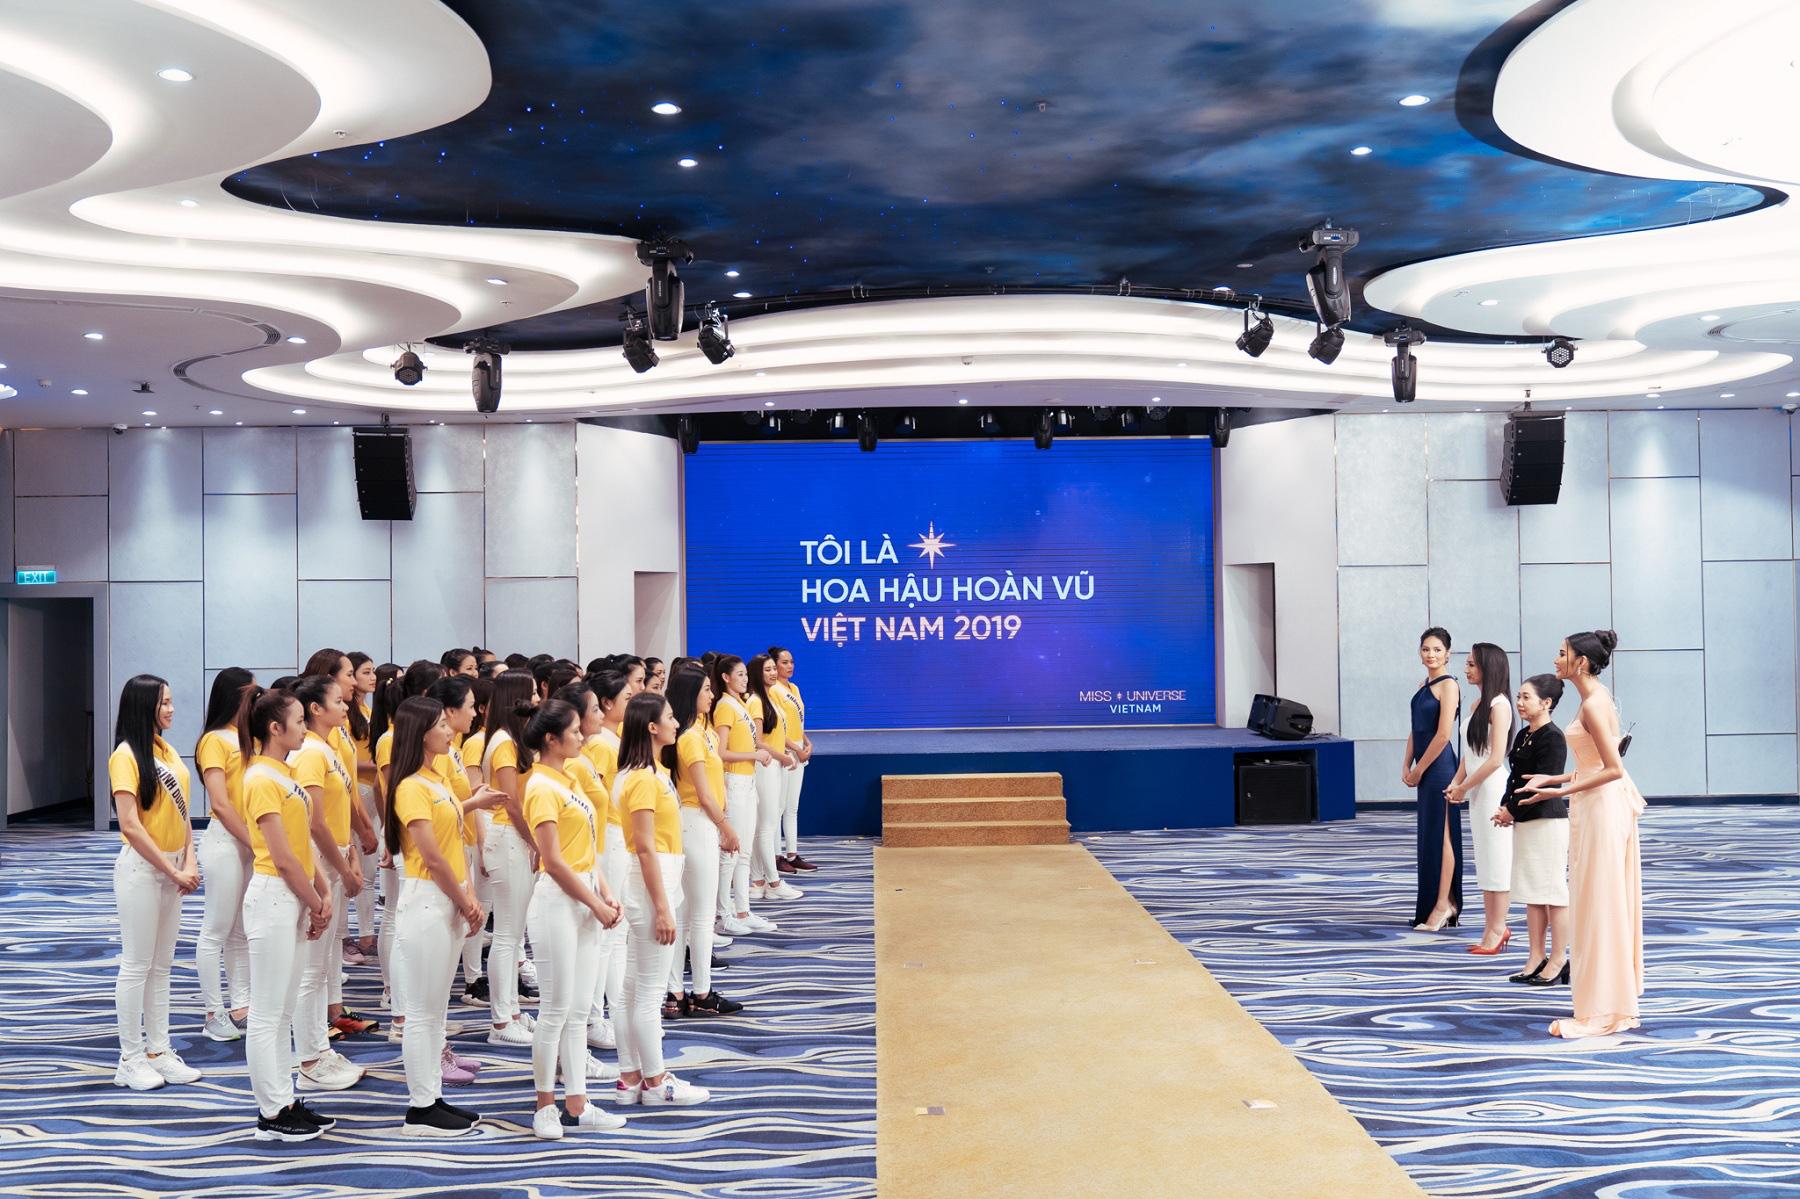 Nam Á Bank tư vấn kỹ năng xây dựng doanh nghiệp xã hội cho top 60 Hoa hậu Hoàn vũ Việt Nam 2019 - Ảnh 3.